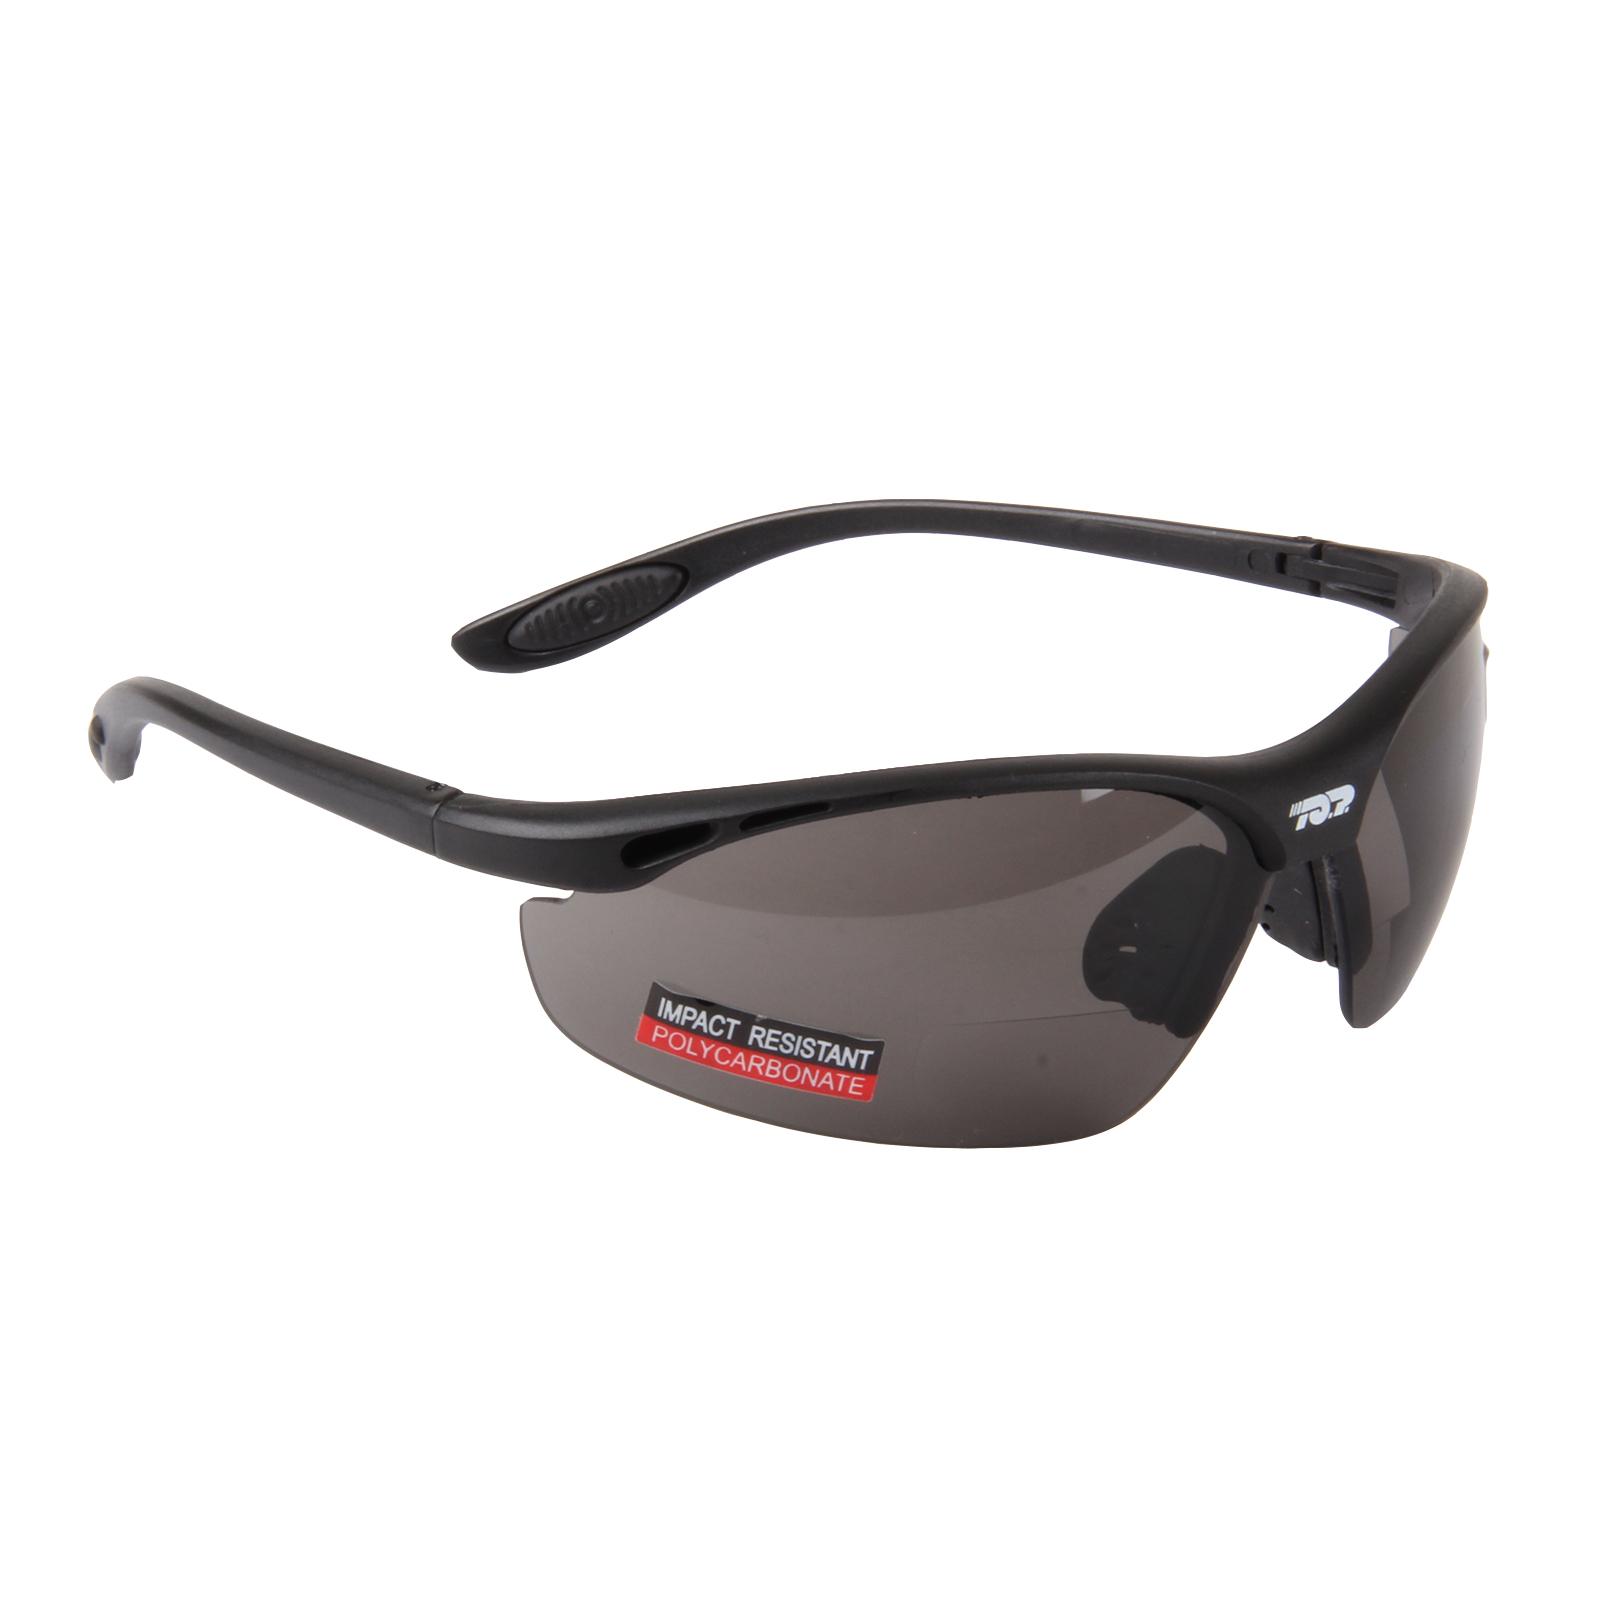 Brýle sport S80b + dioptrické rohy tmavé, +1